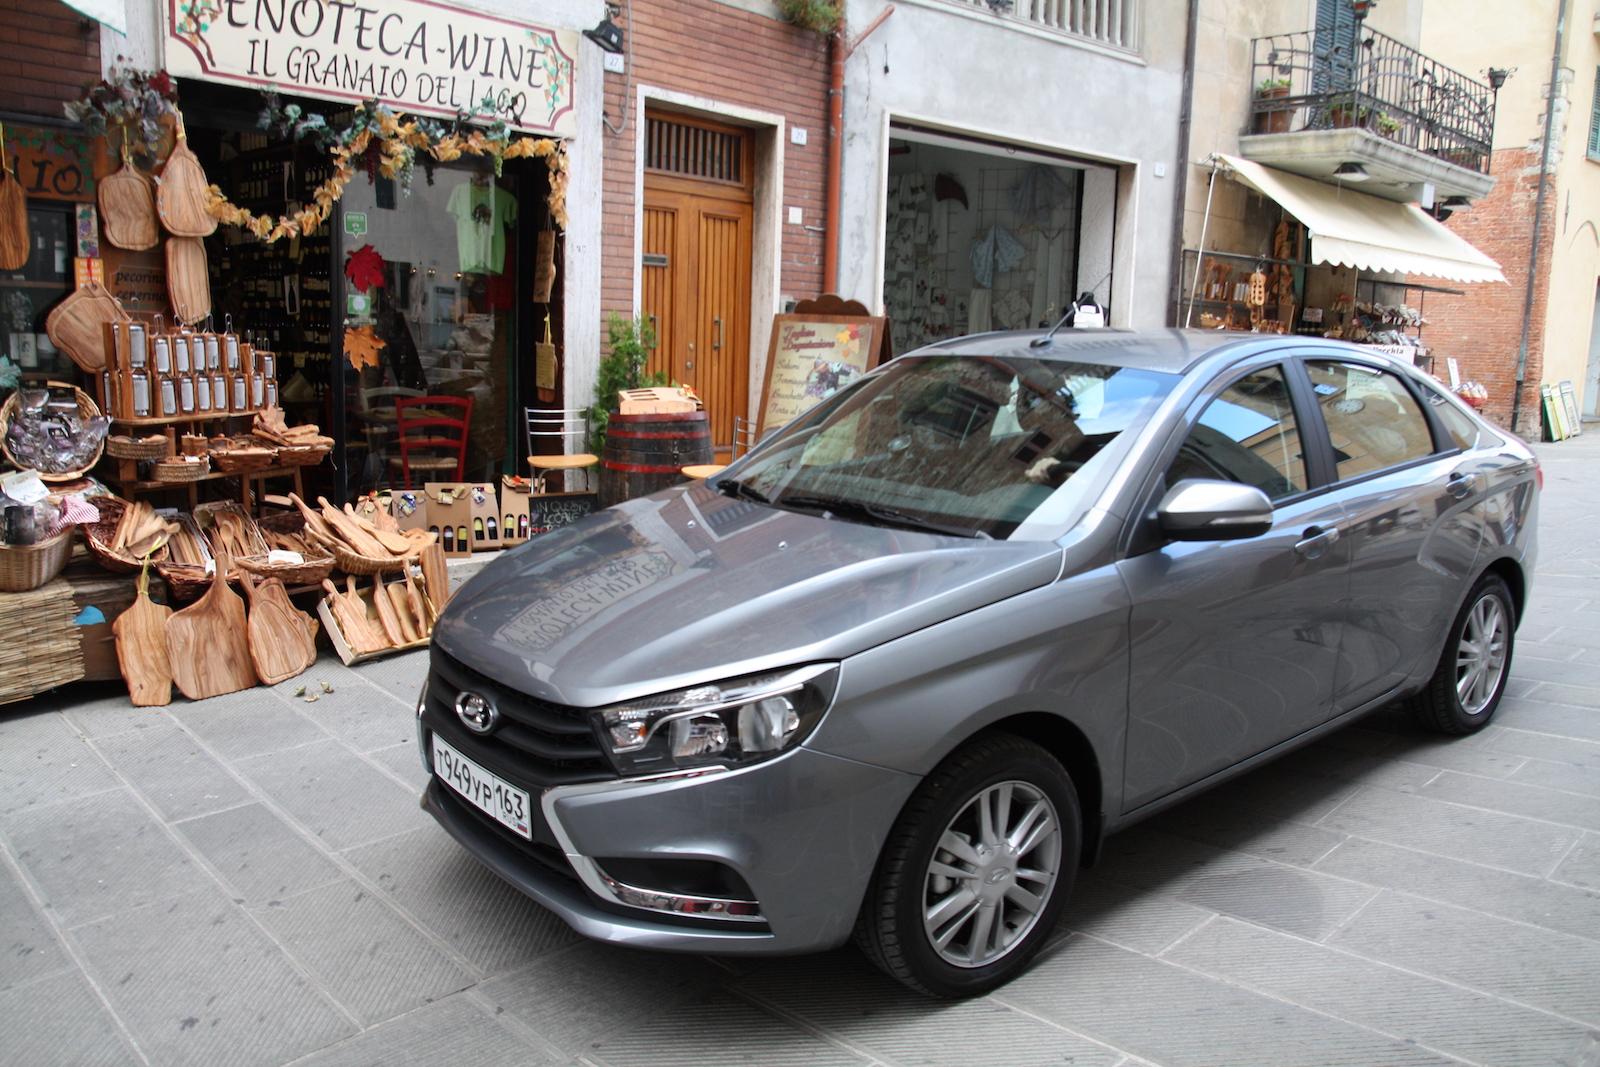 Самой популярной Ладой за границей стала Lada Priora новые фото